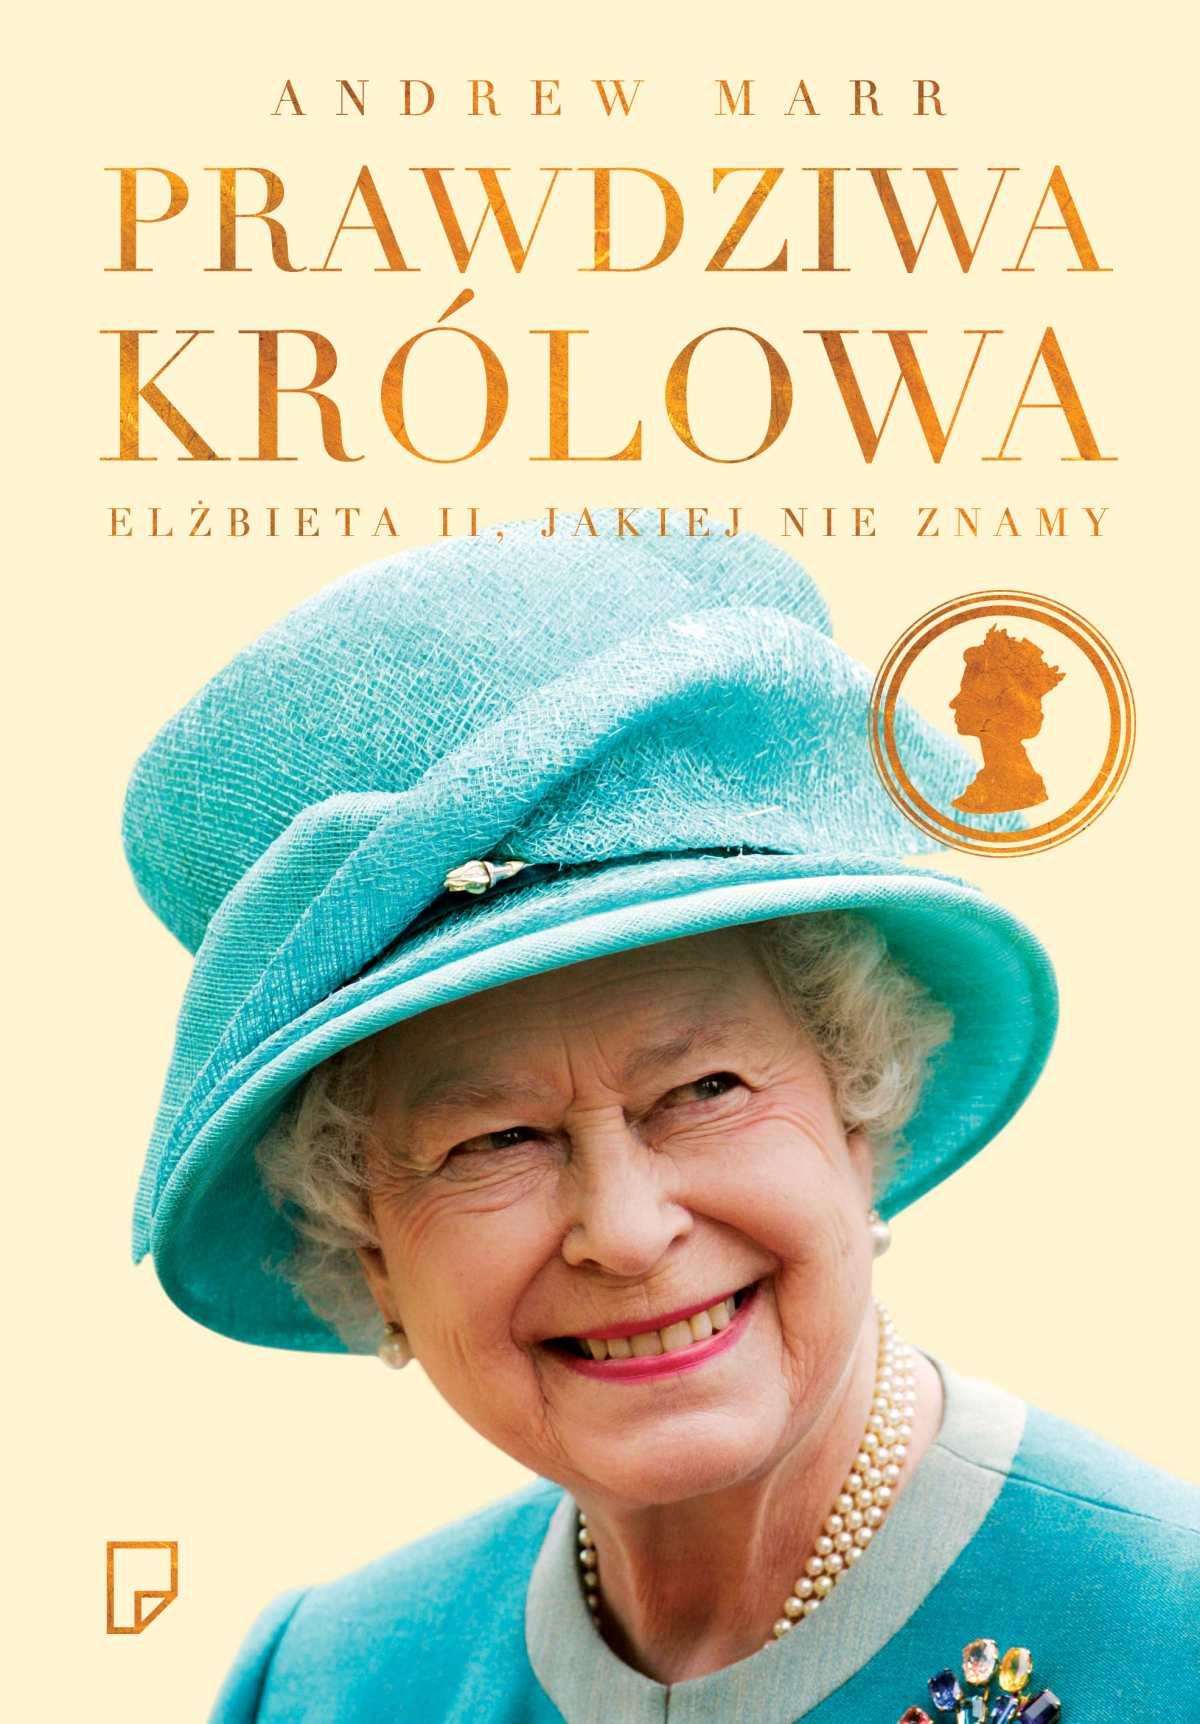 Prawdziwa królowa. Elżbieta II jakiej nie znamy - Tylko w Legimi możesz przeczytać ten tytuł przez 7 dni za darmo. - Andrew Marr